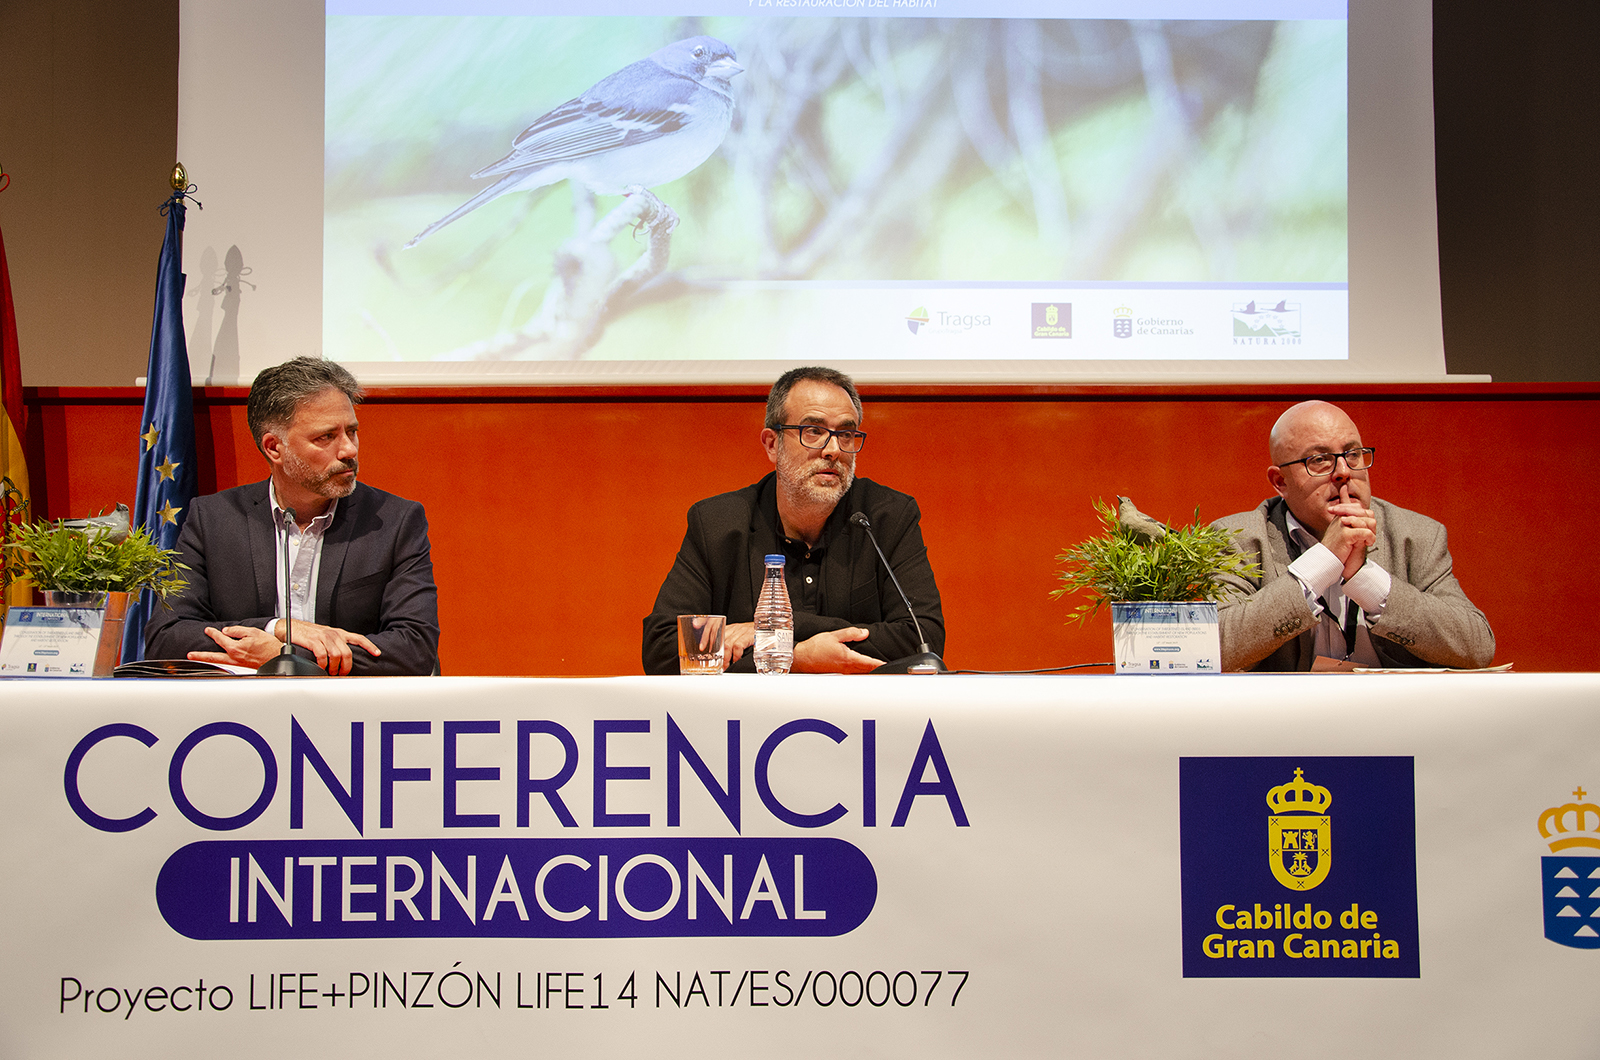 Conferencia Internacional Life+ Pinzón13 al 15 marzo 2019